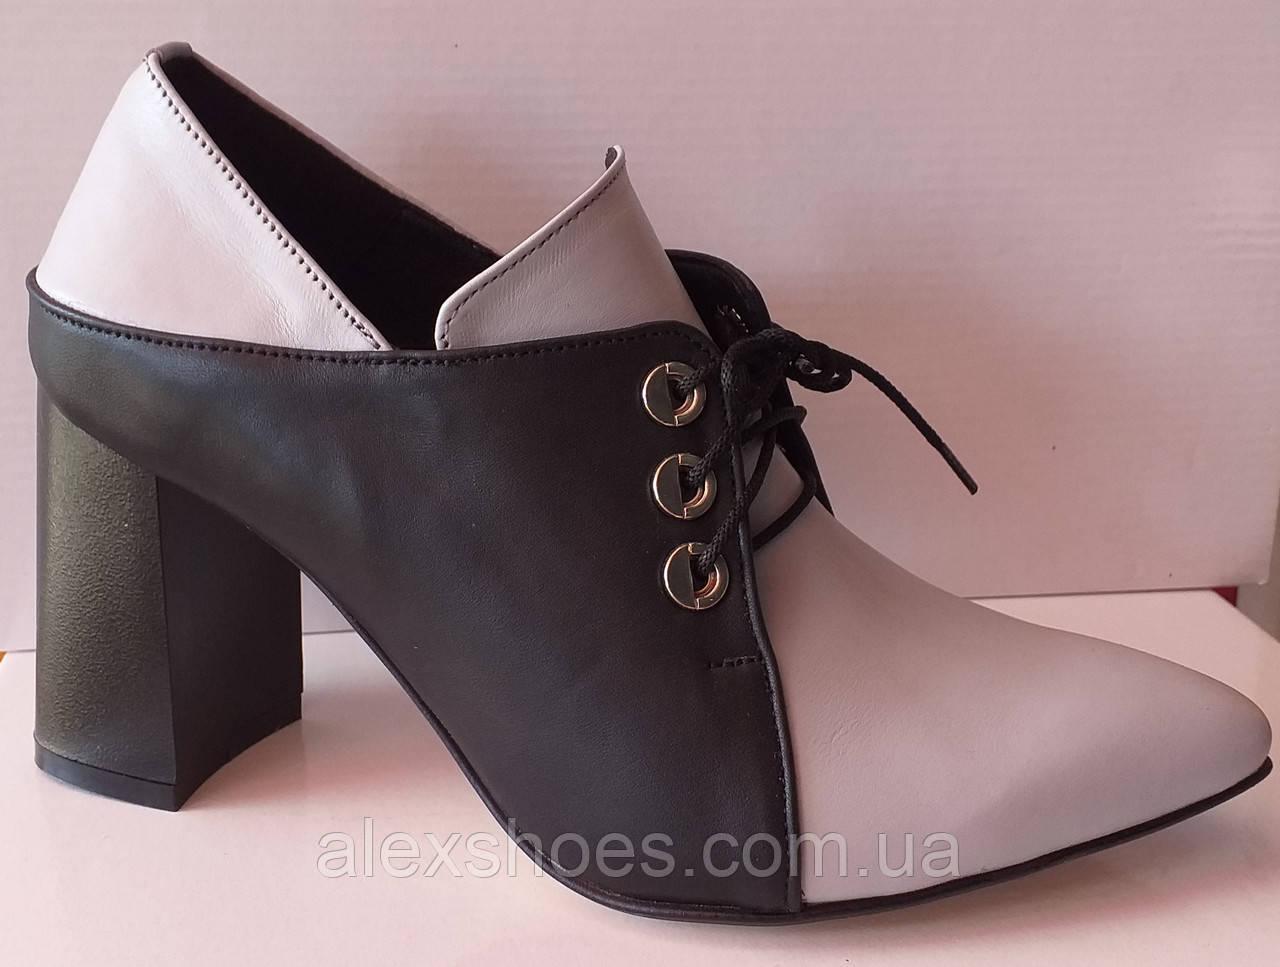 Туфли женские на удобном каблуке из натуральной кожи от производителя модель КС2089-2